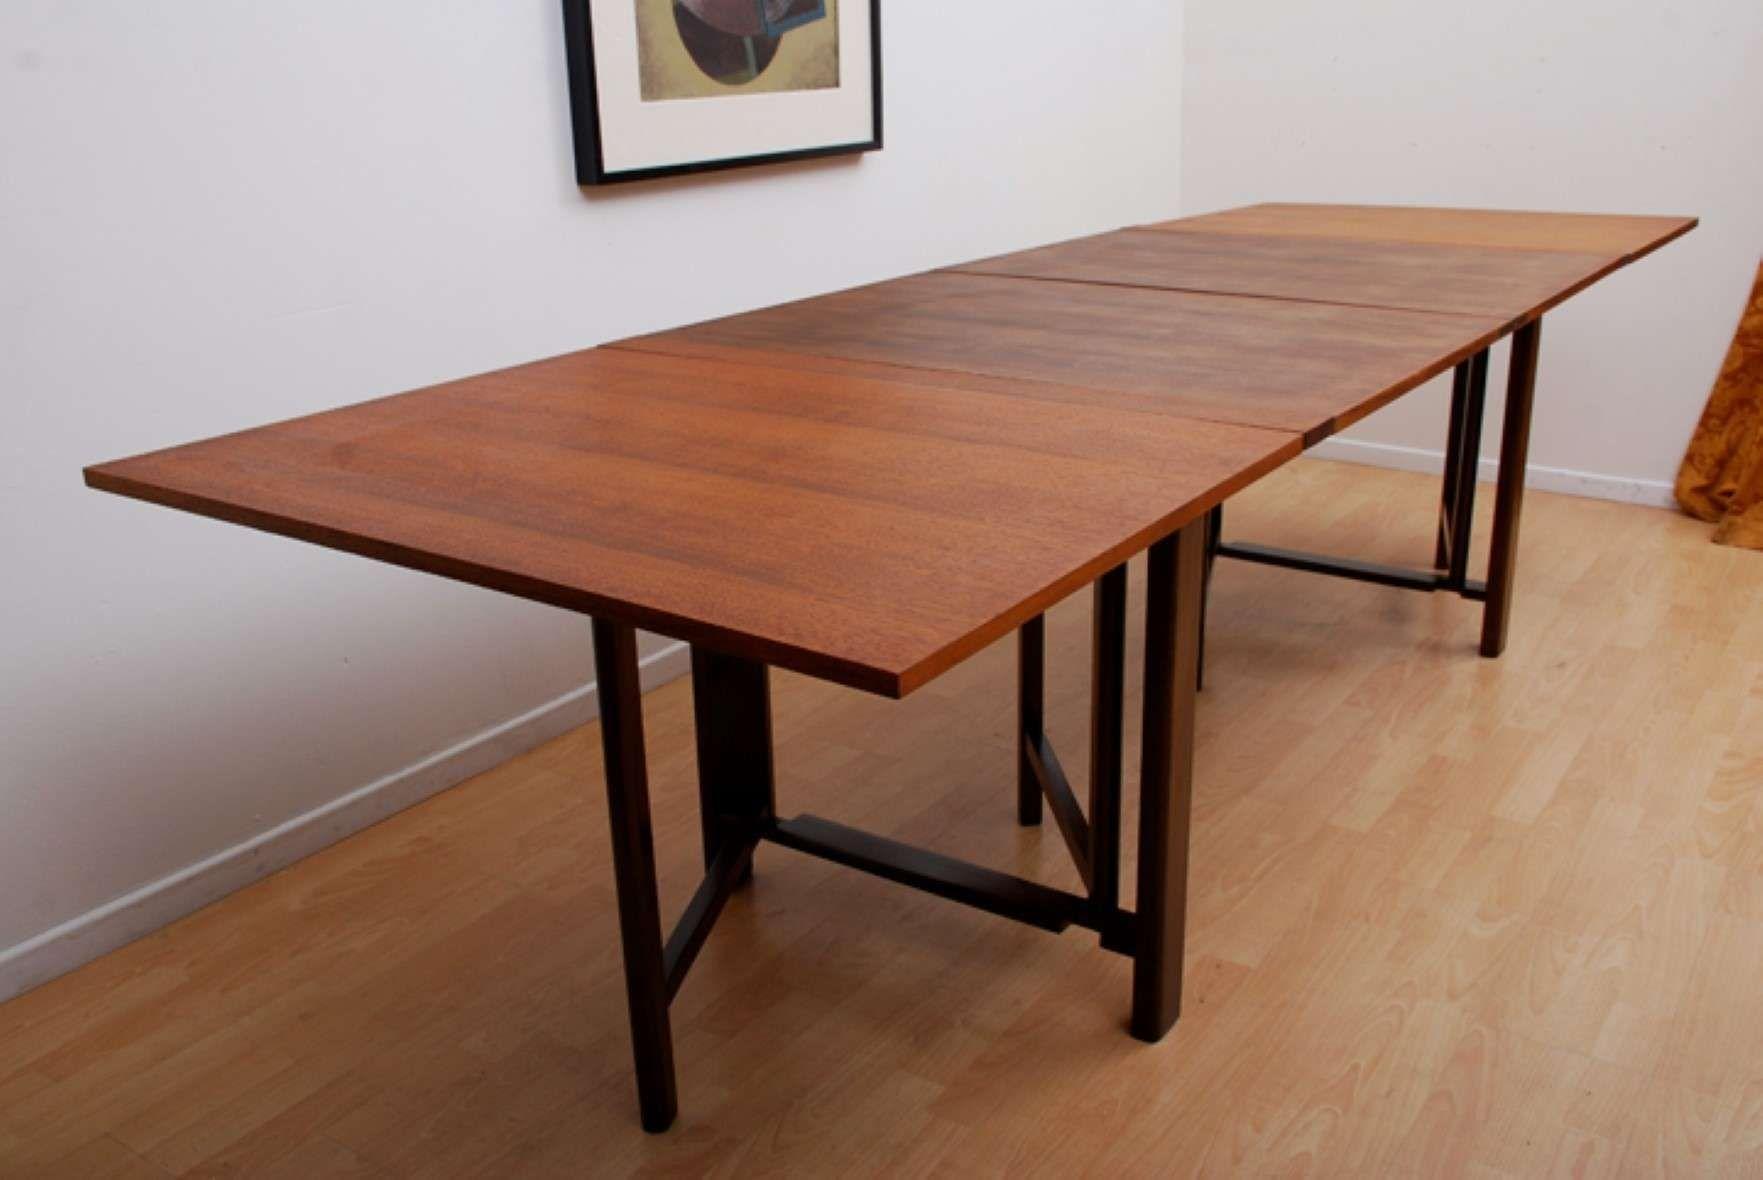 Beste Schmalen Klapptisch Tisch Kompakter Esstisch Esstisch